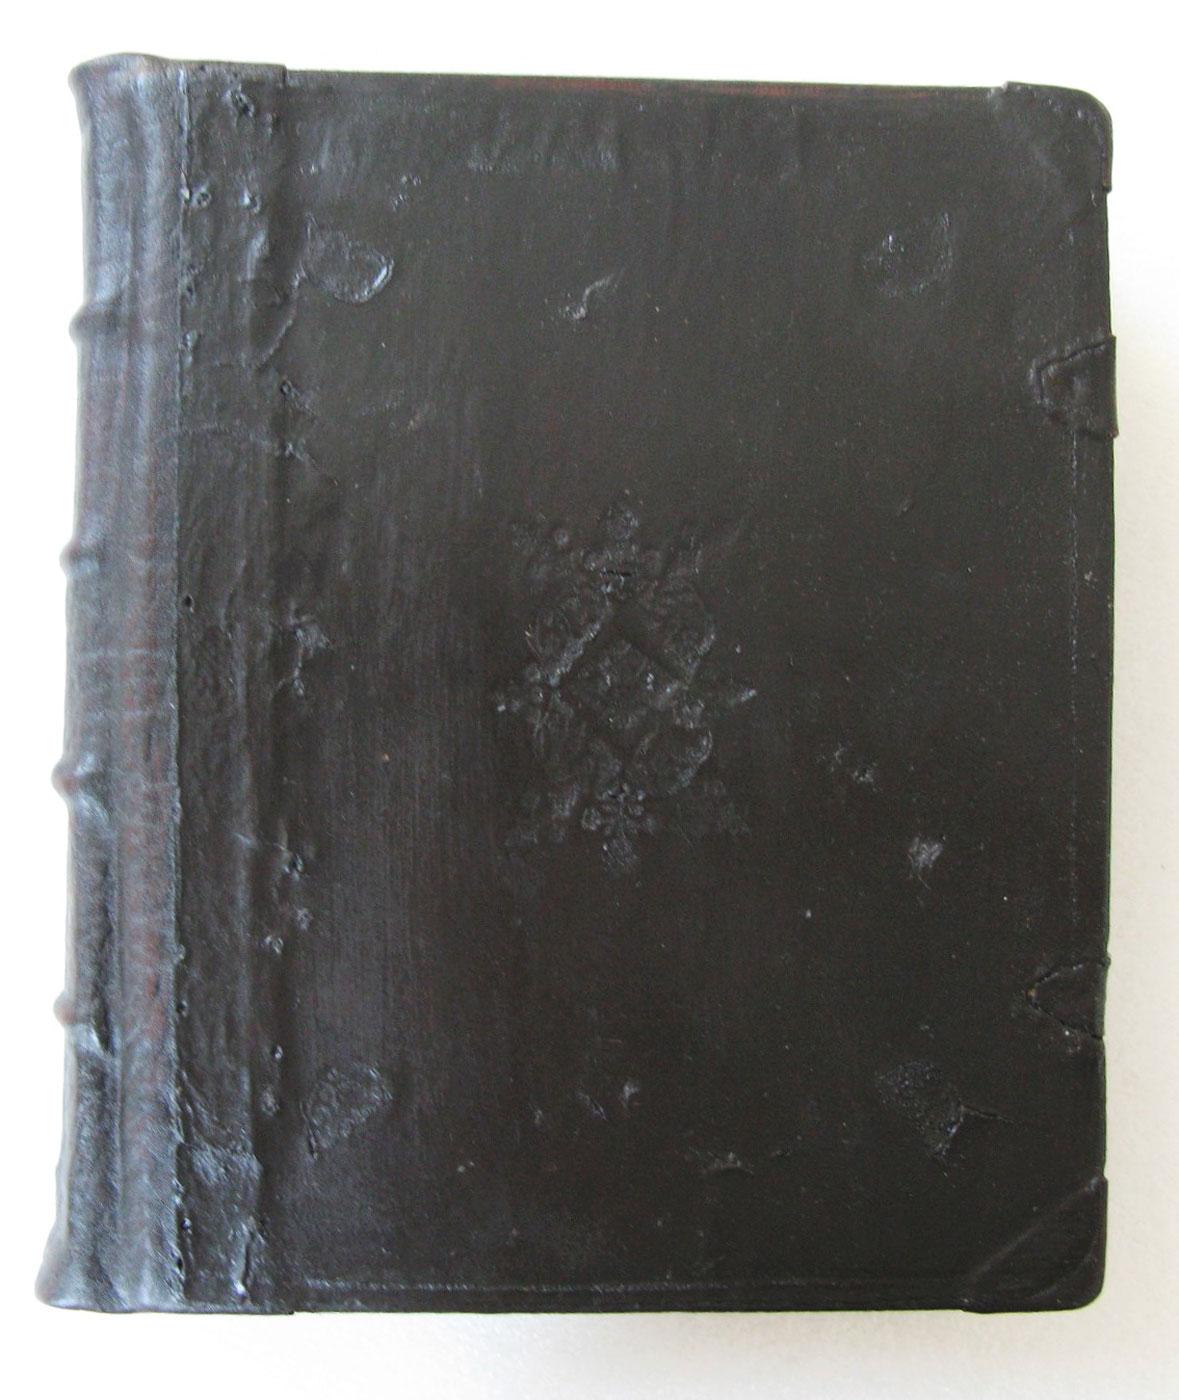 Cartea după restaurare